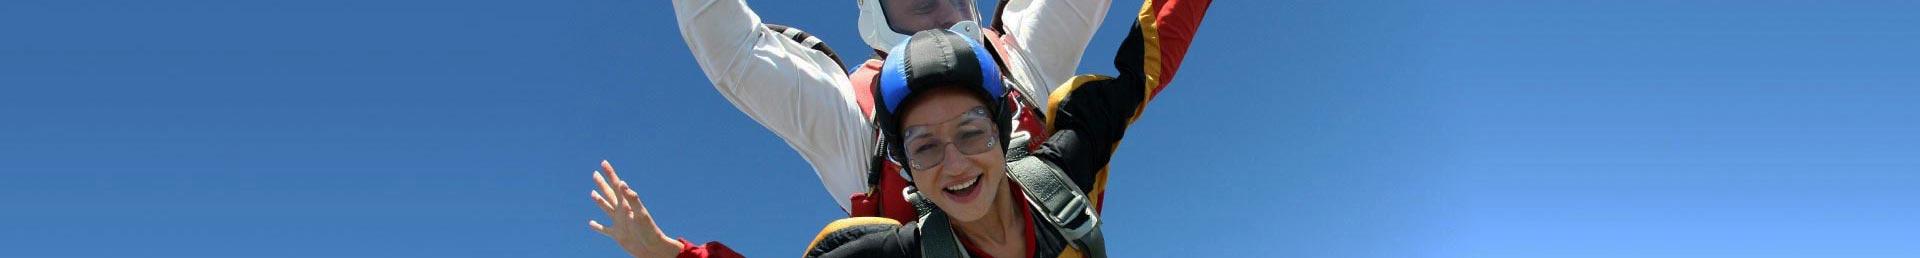 parachutisme isere